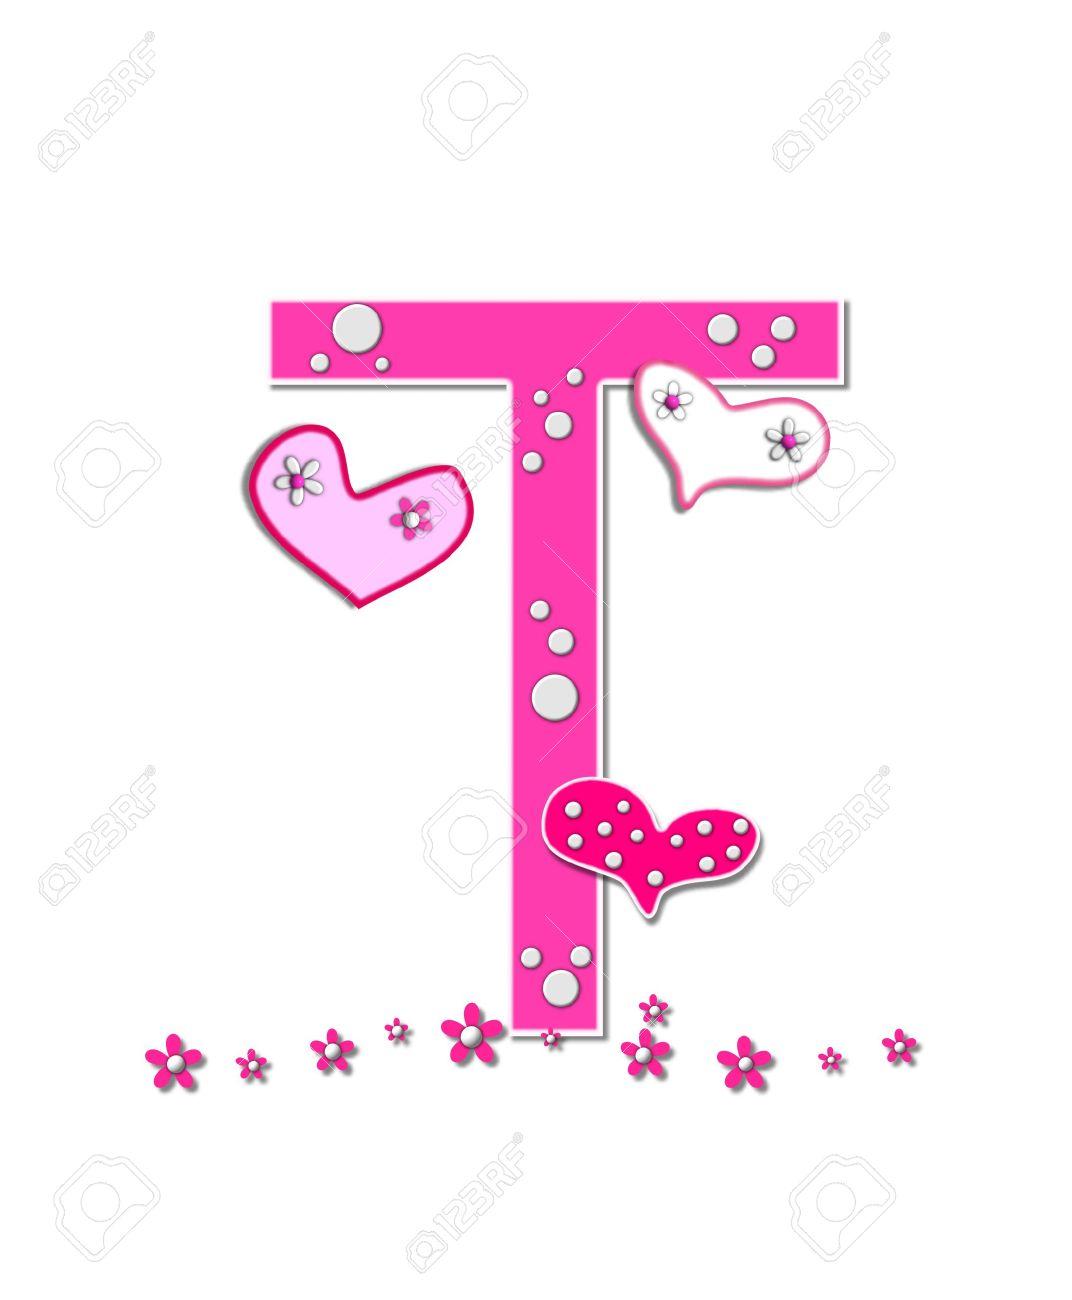 Oslikaj slova  azbuke - Page 19 16321833-The-letter-T-in-the-alphabet-set-Heartfull-is-pink-outlined--Stock-Photo